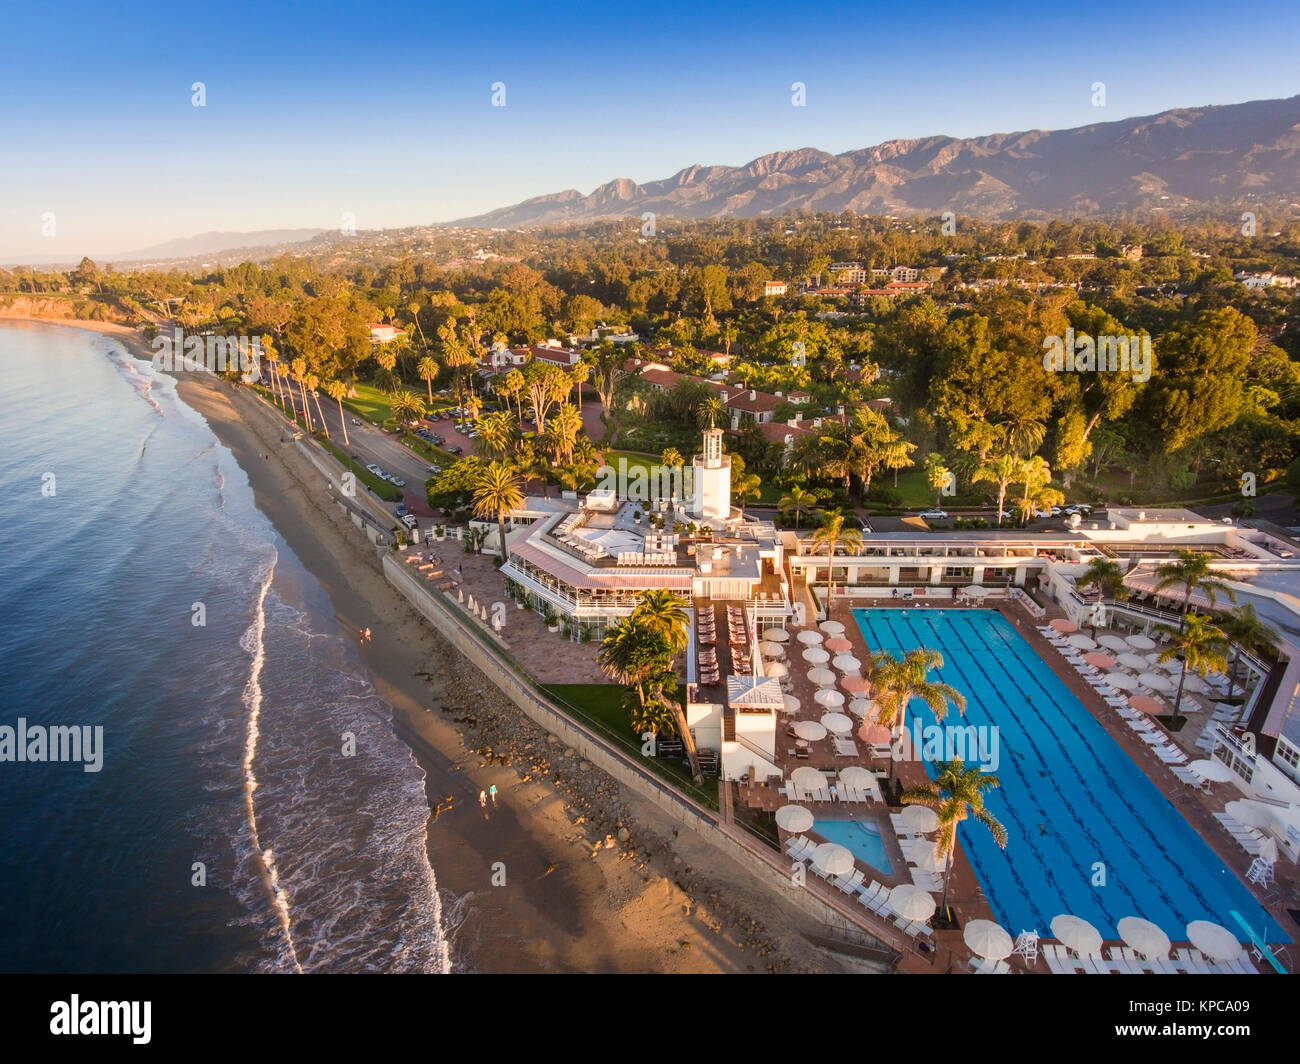 Coral casino montecito blue knight 2 games